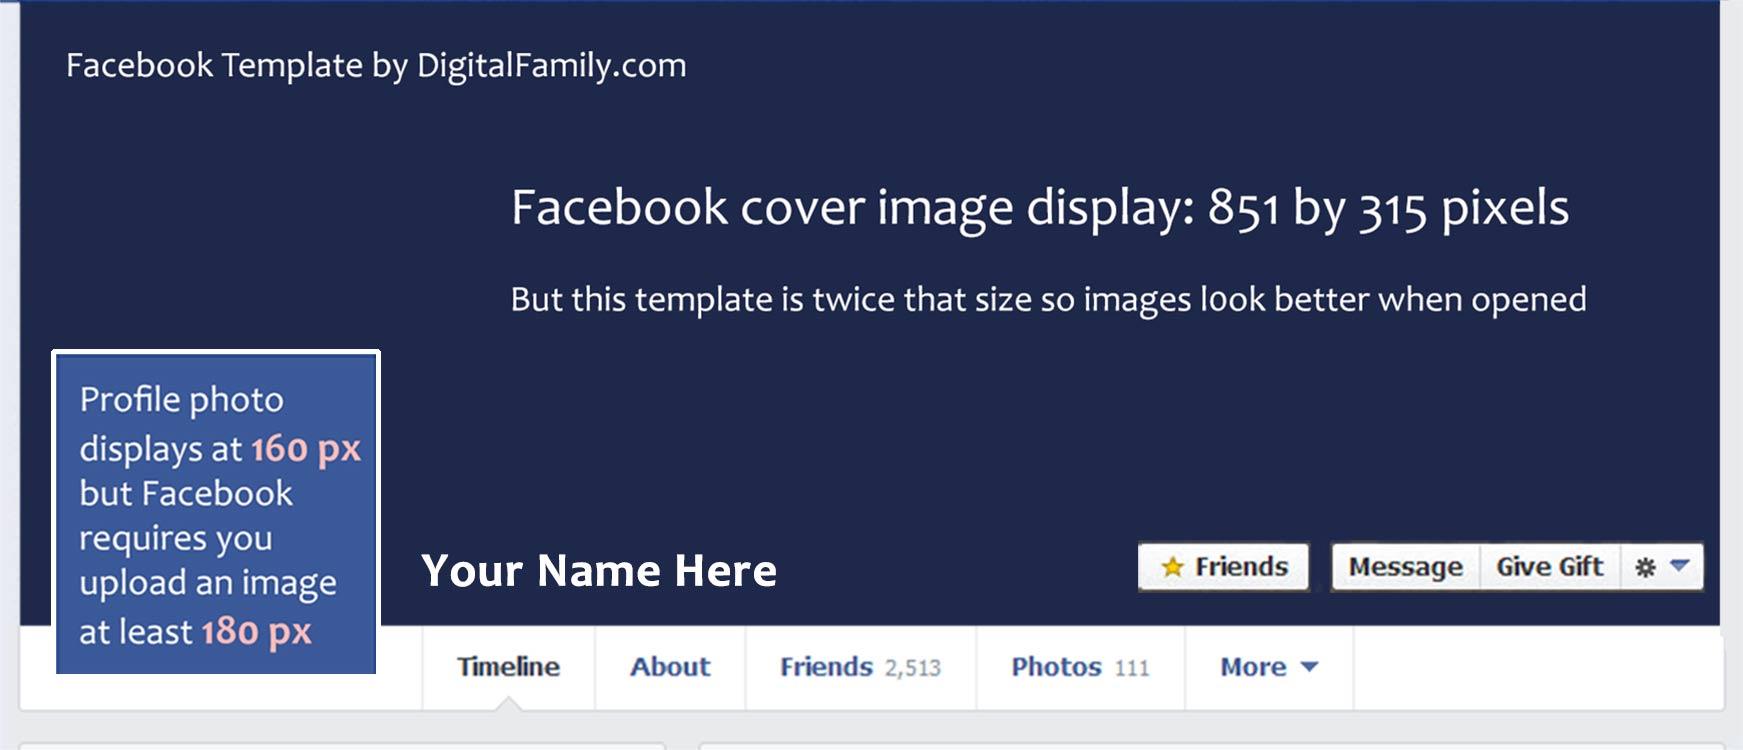 Facebook-Template-3-2014